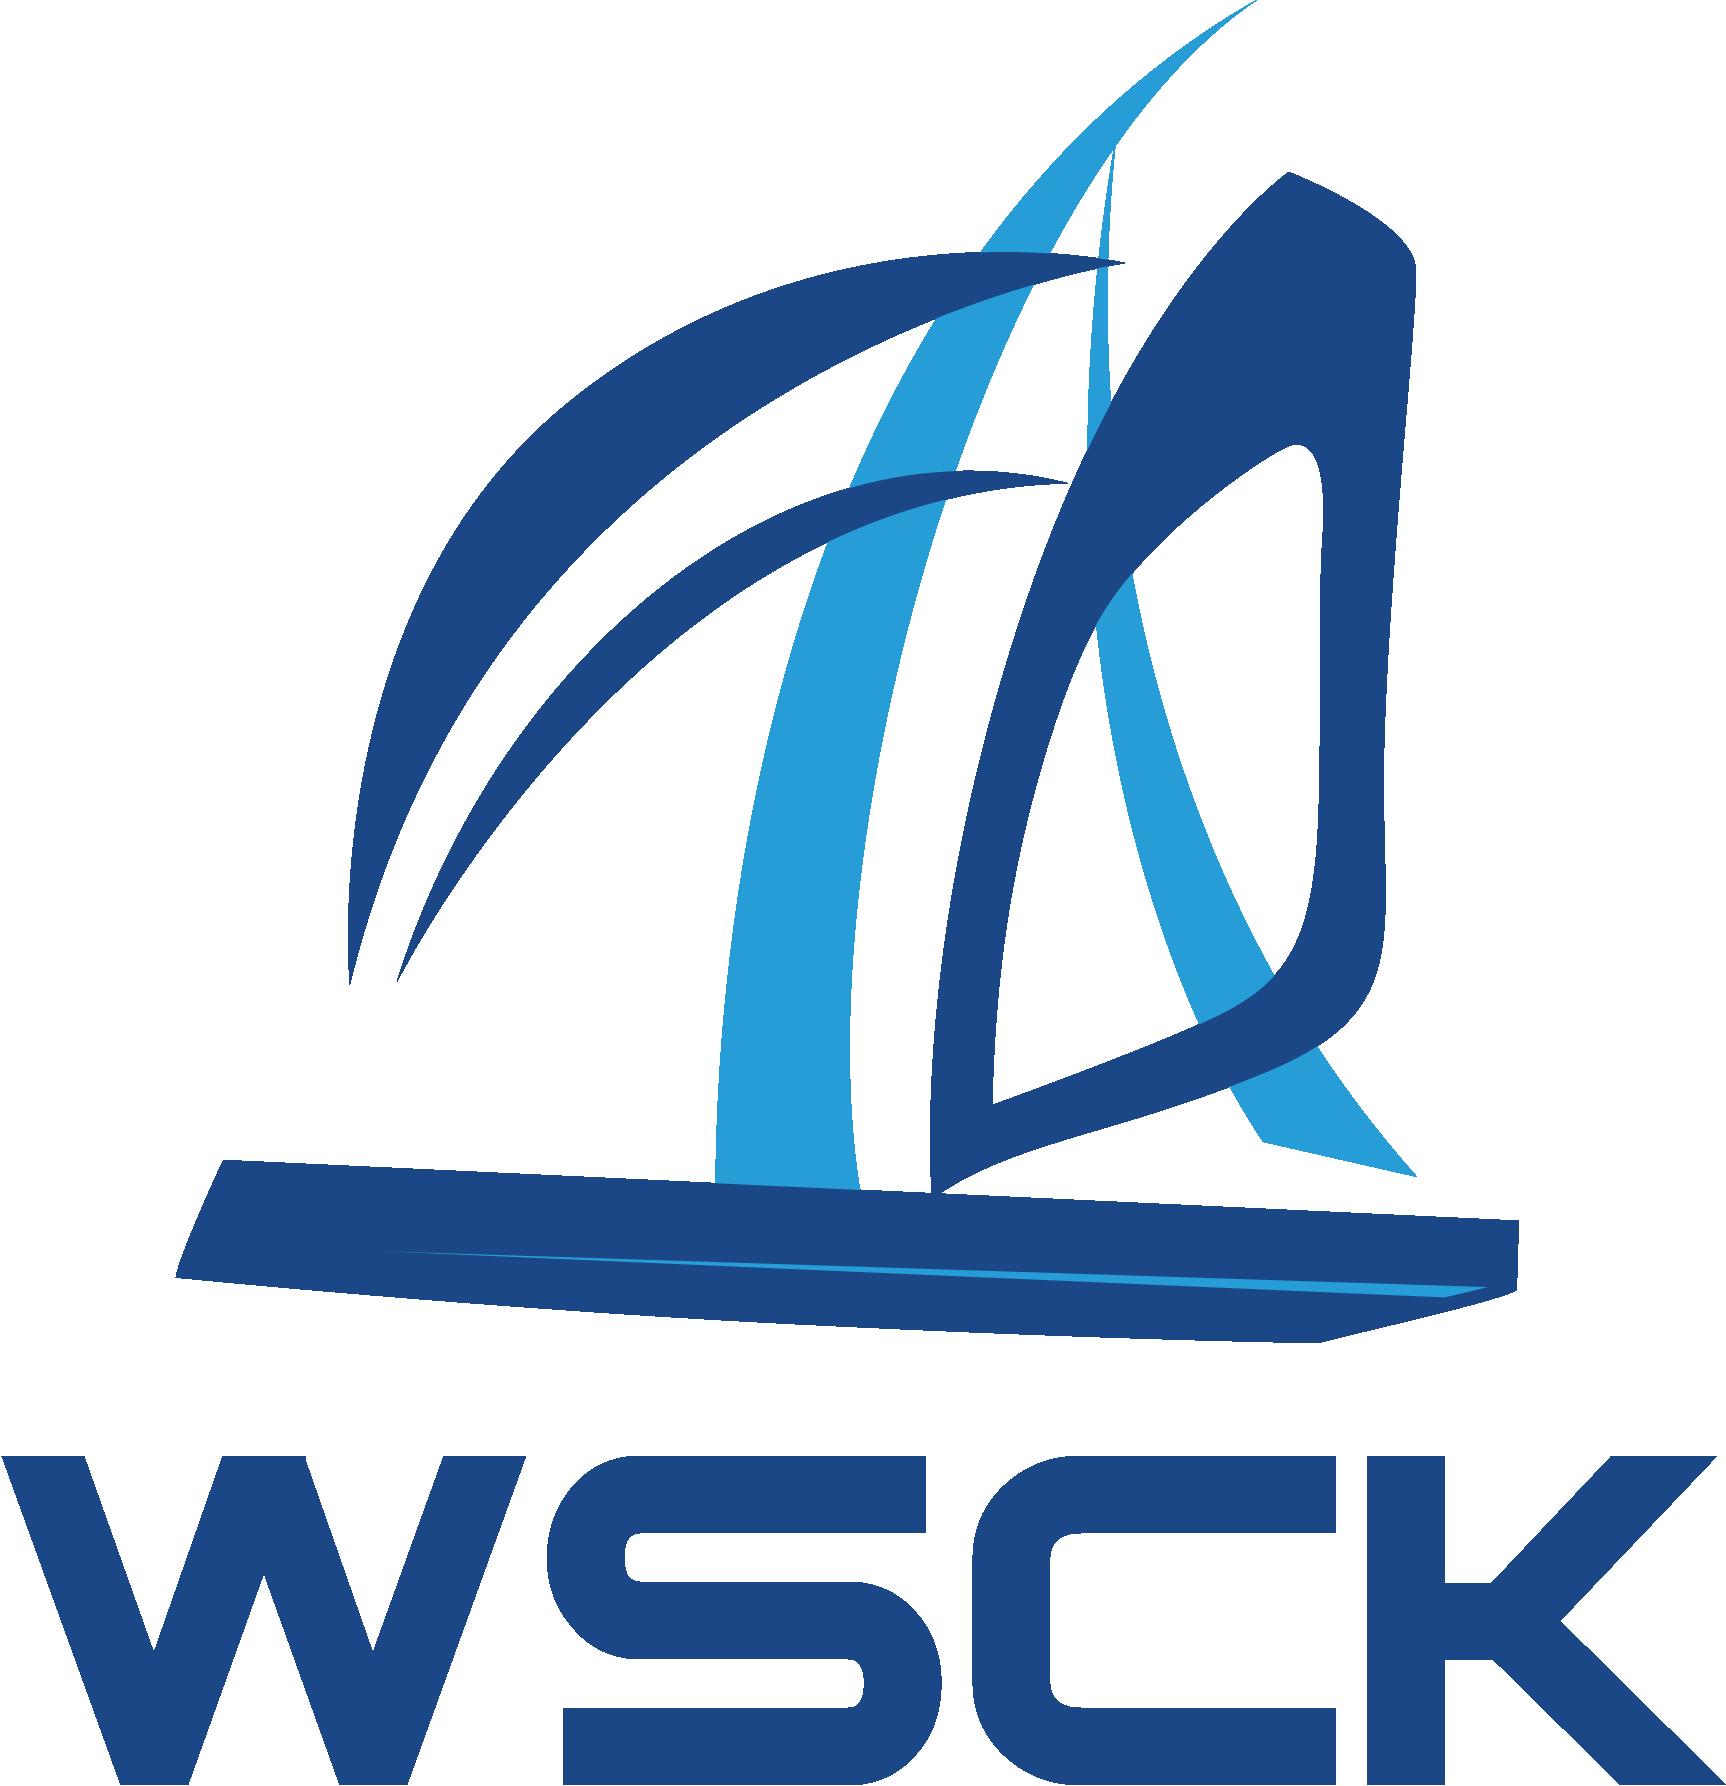 WSCK - Wassersport Club Konstanzer Trichter e.V.